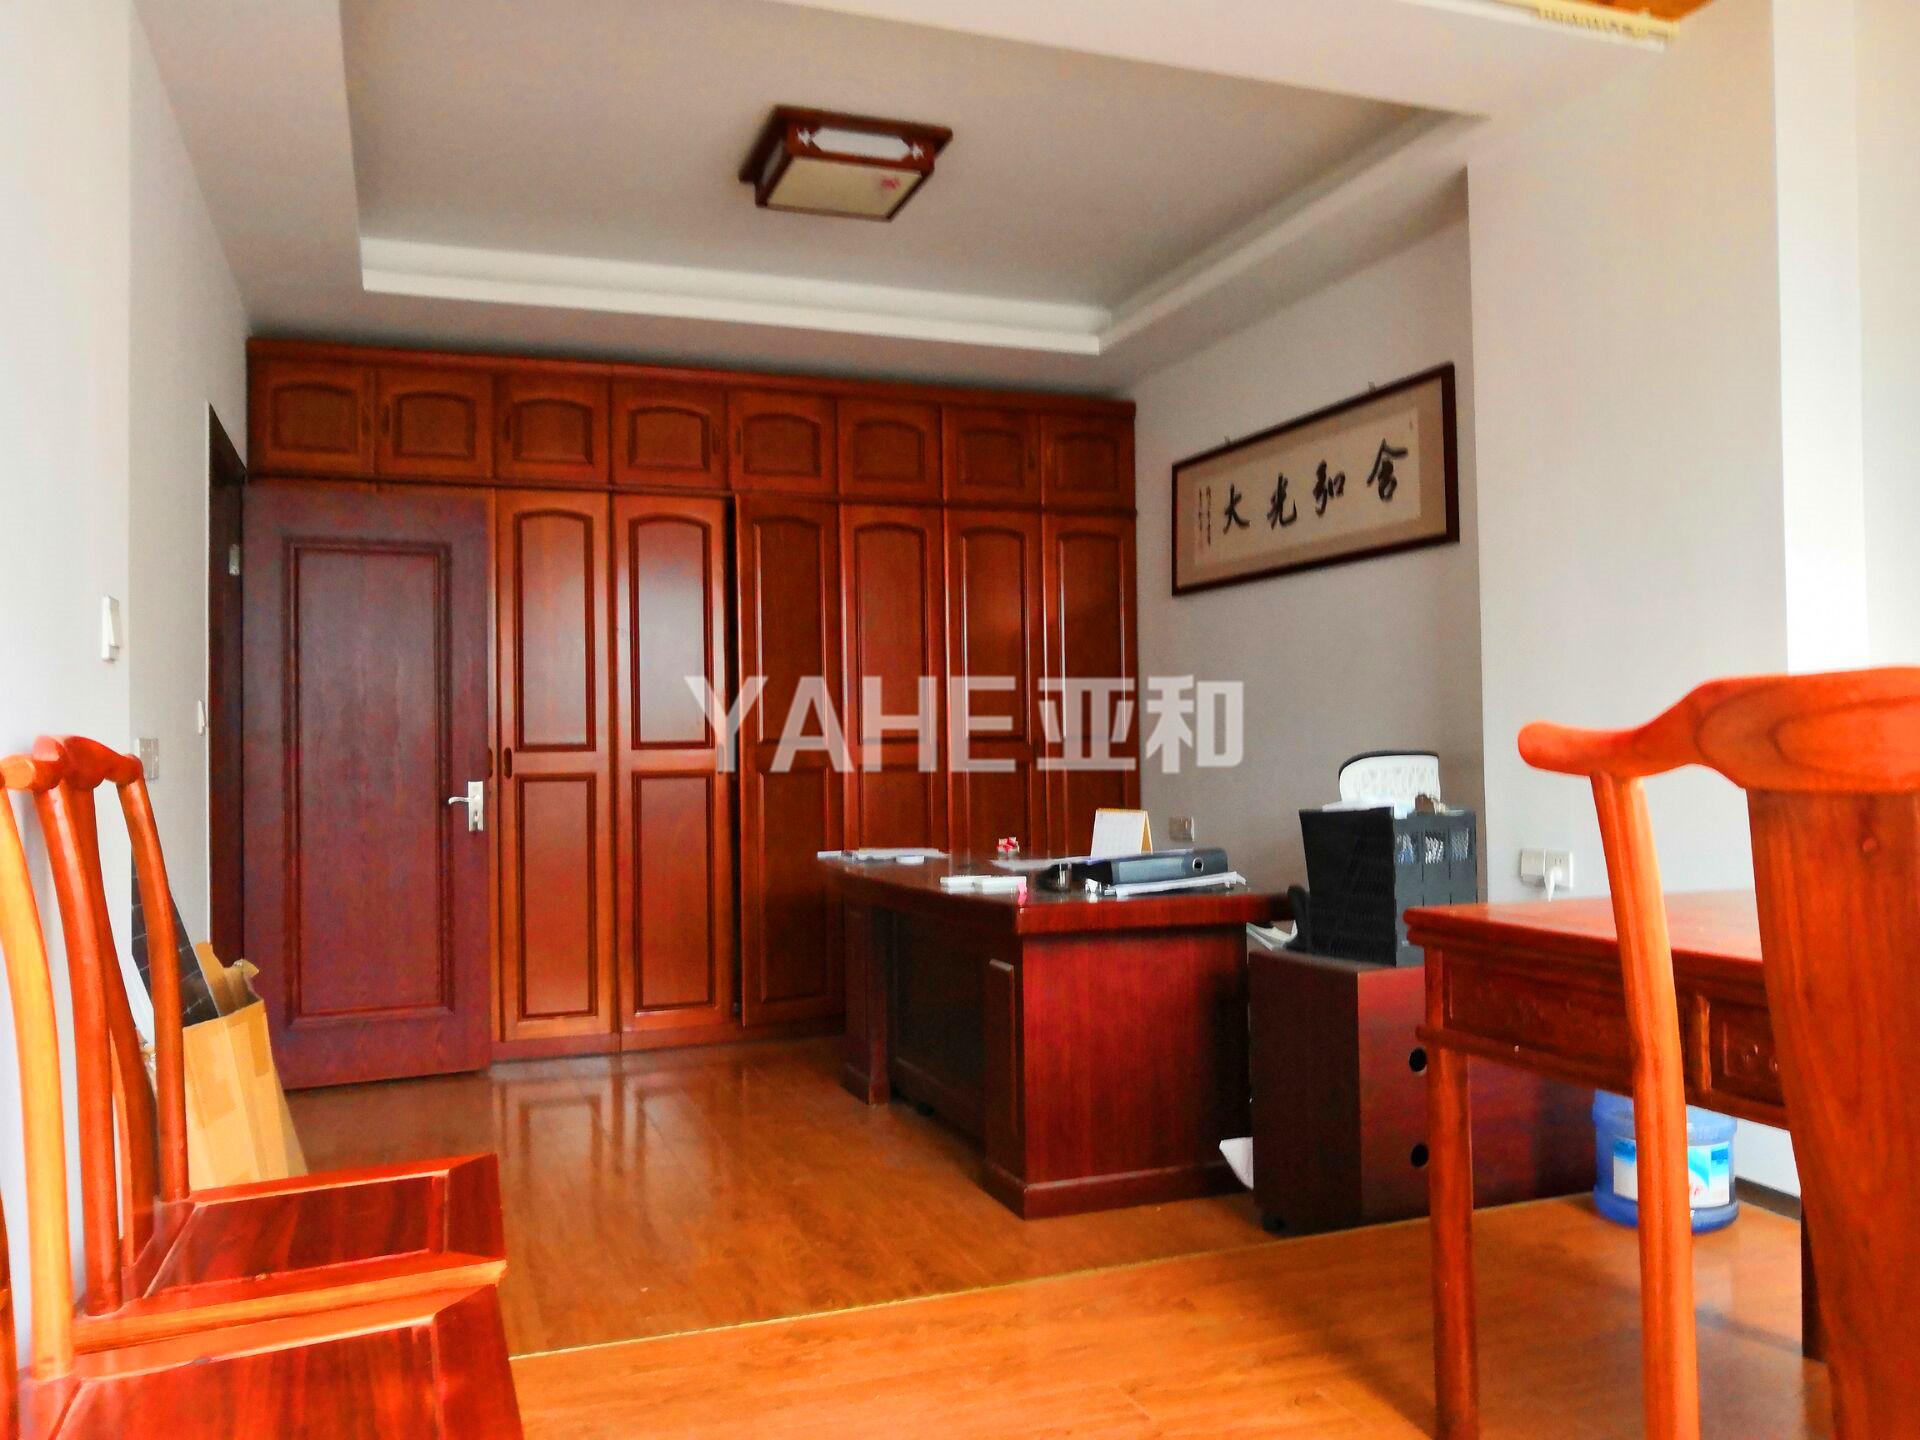 中顺国际 两室两厅 带大阳台 清爽装修 周边配套齐全